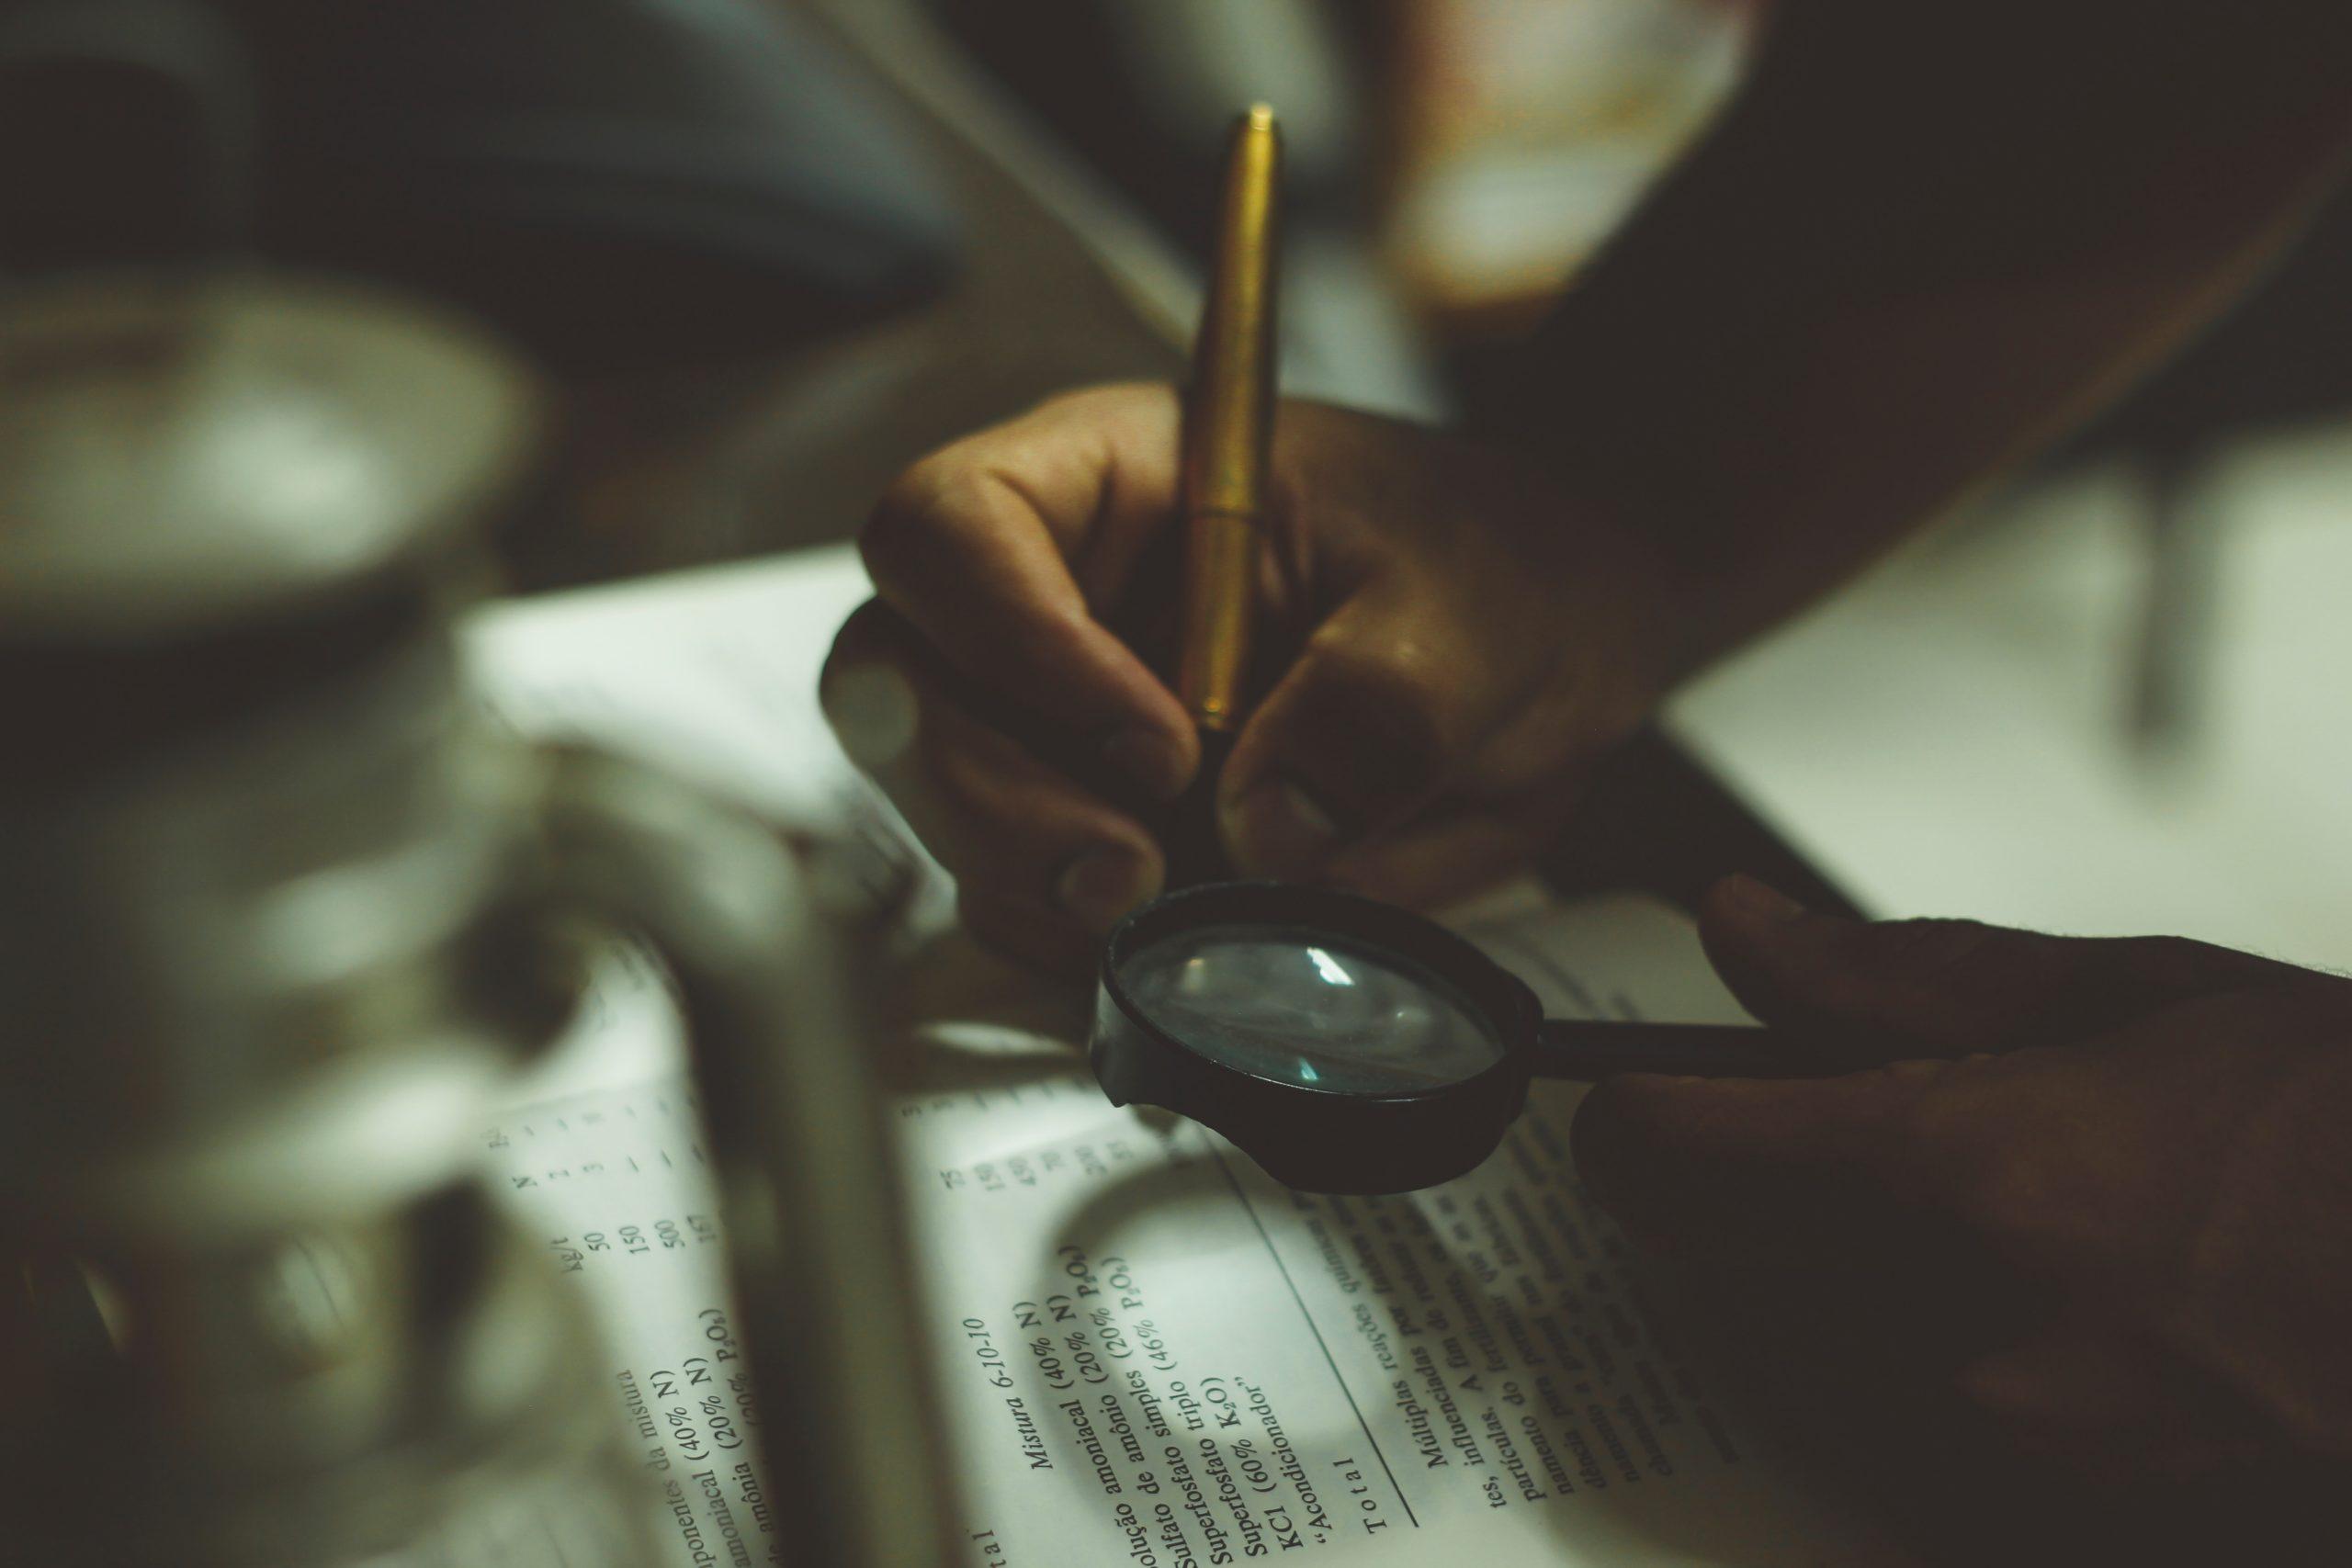 Detektyw prywatny - jakie usługi może wykonywać?